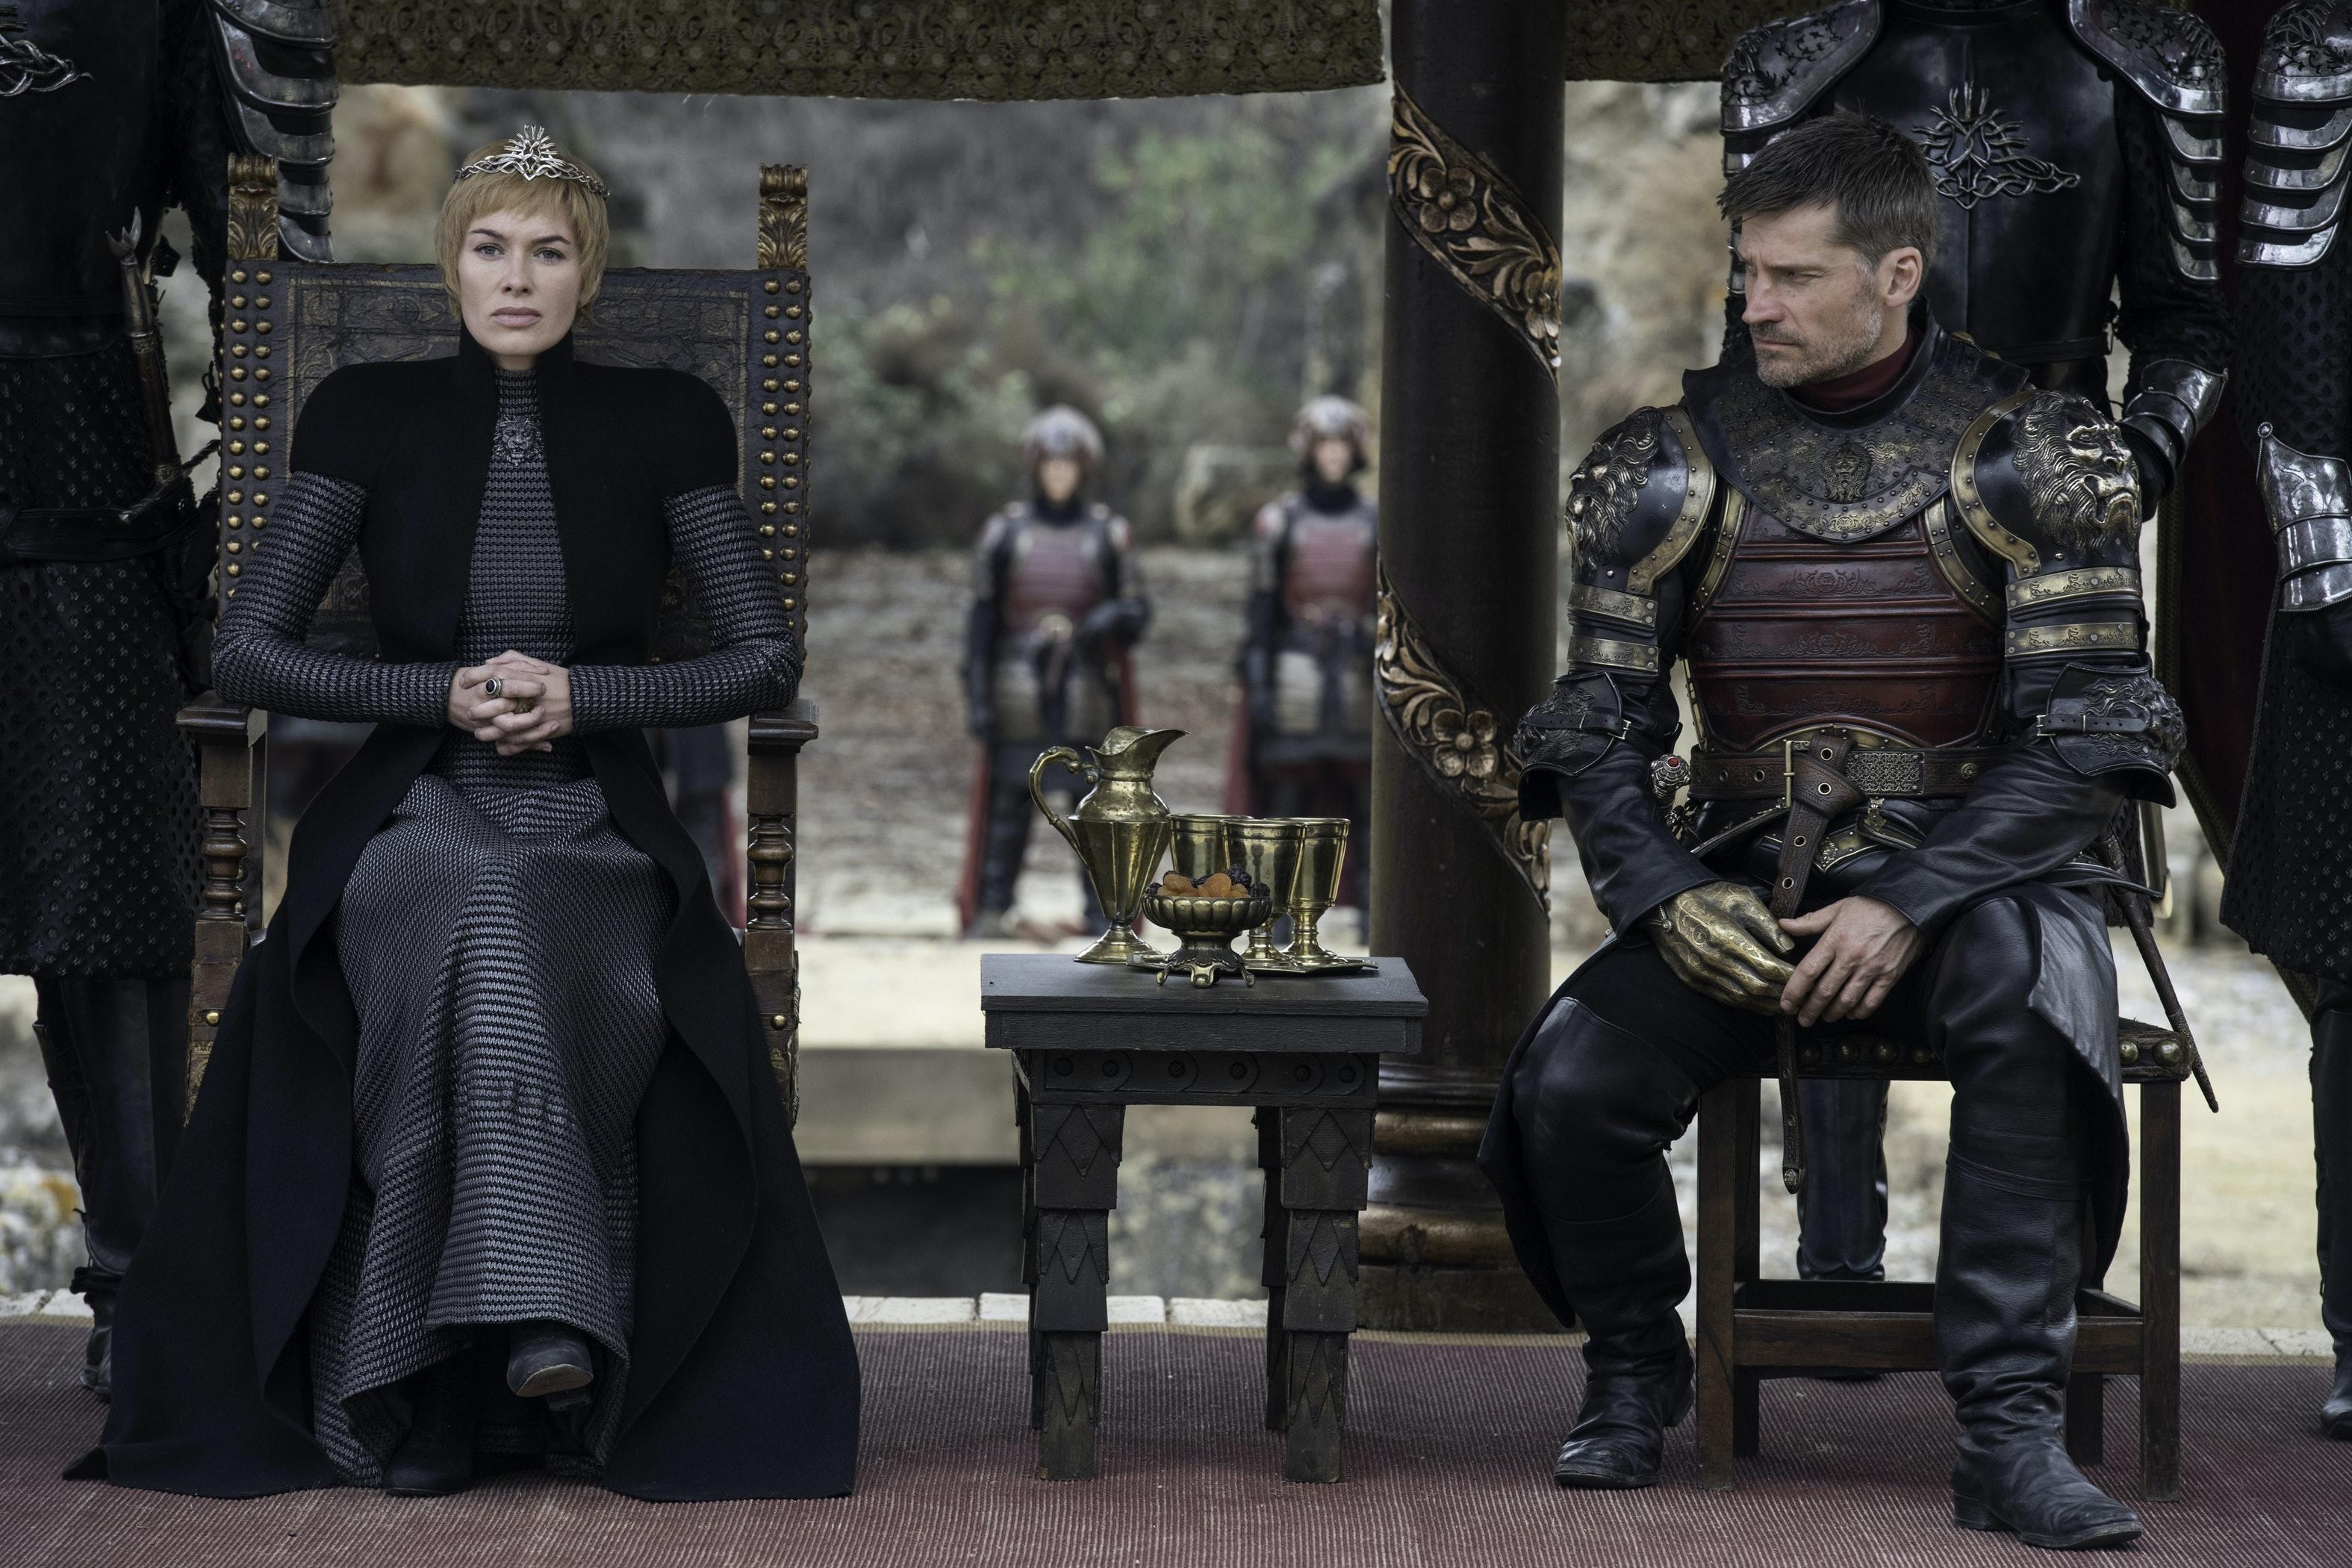 Resultado de imagen para game of thrones season 8 cersei